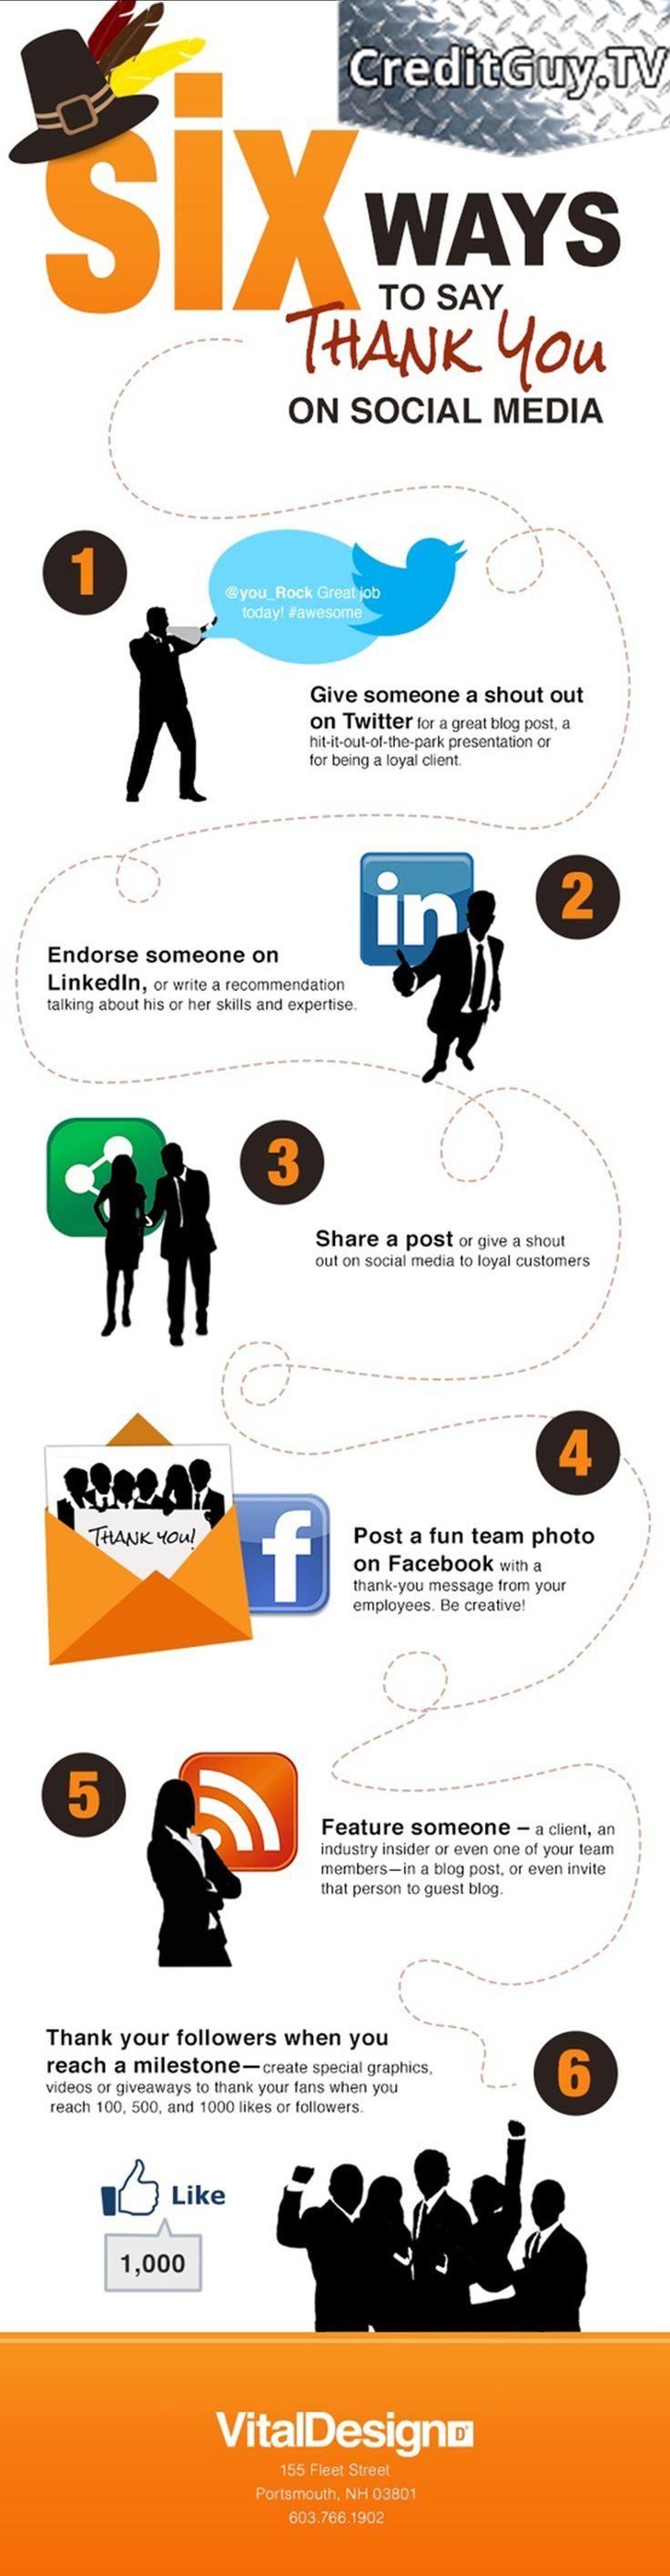 53 best Social media info images on Pinterest